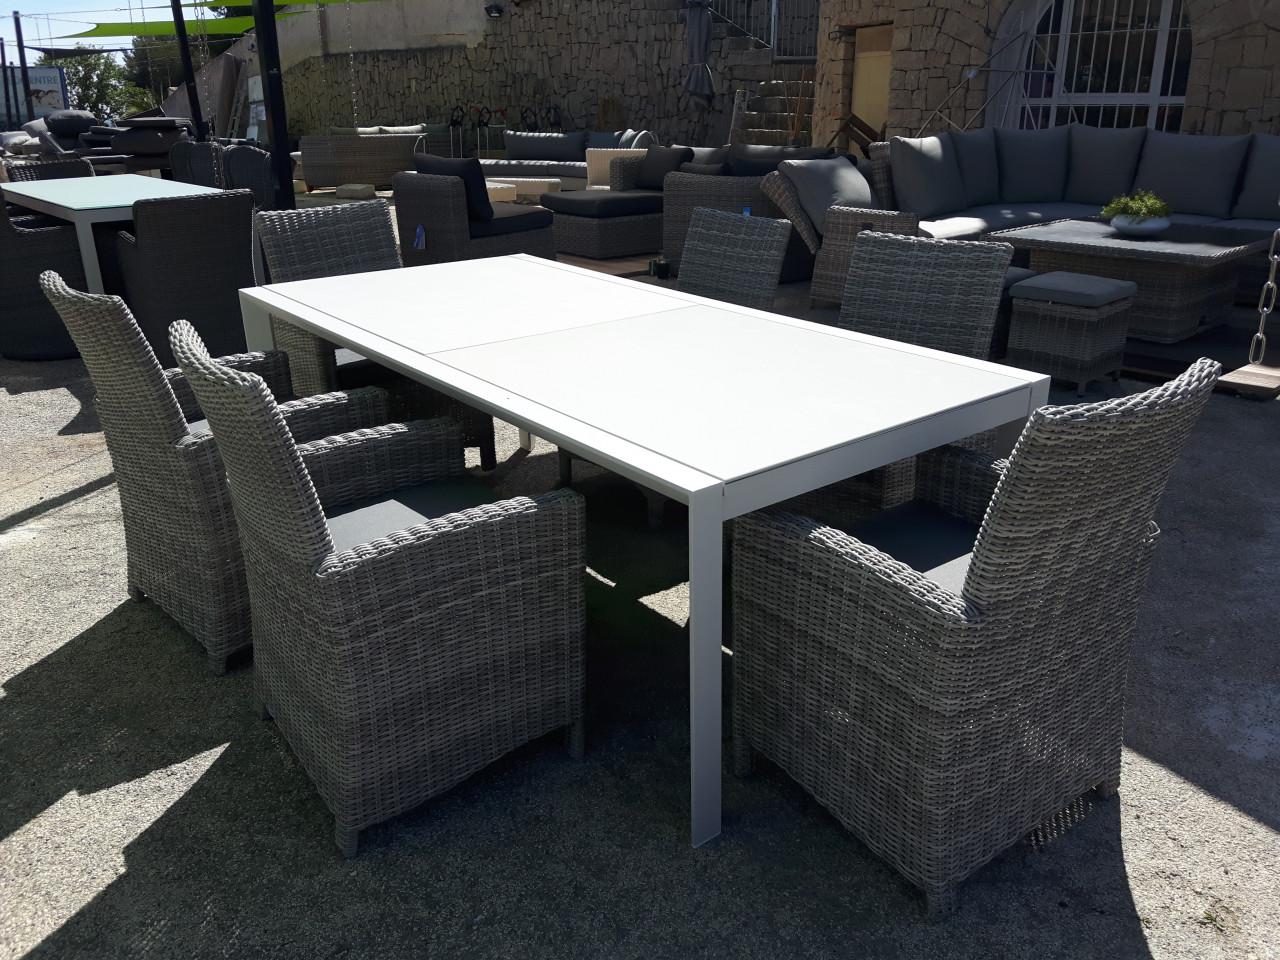 Tuinmeubelen schaduwdoeken pergola 39 s tafels stoelen lounge sets outlet home - Tafel en witte stoelen ...